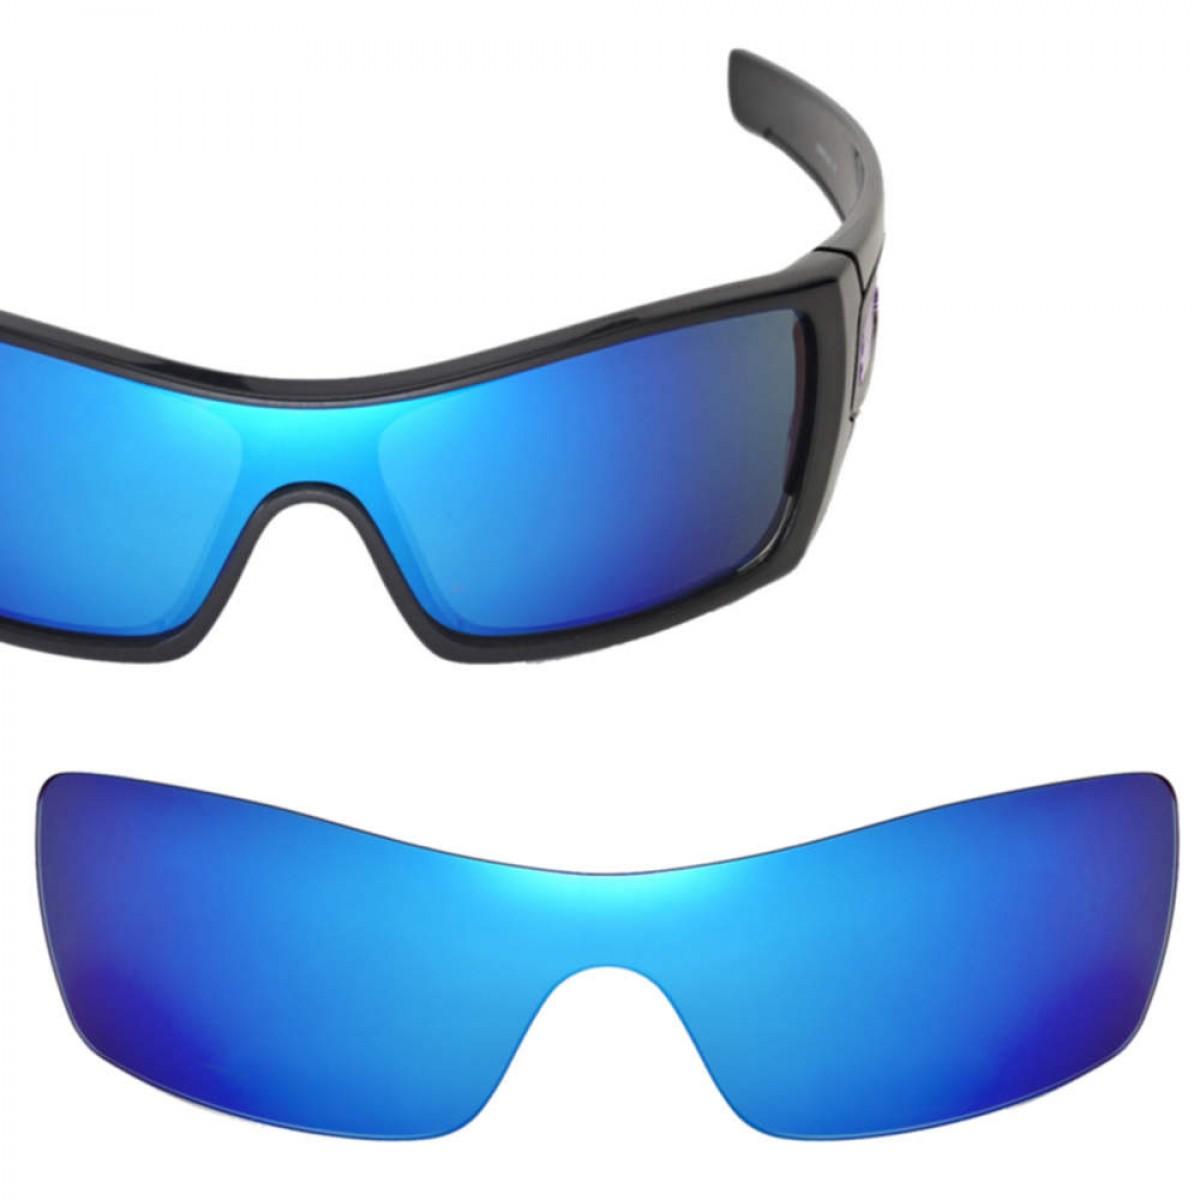 Oakley Batwolf Lenses >> Cofery Lenses Store Cofery Replacement Lenses For Oakley Batwolf